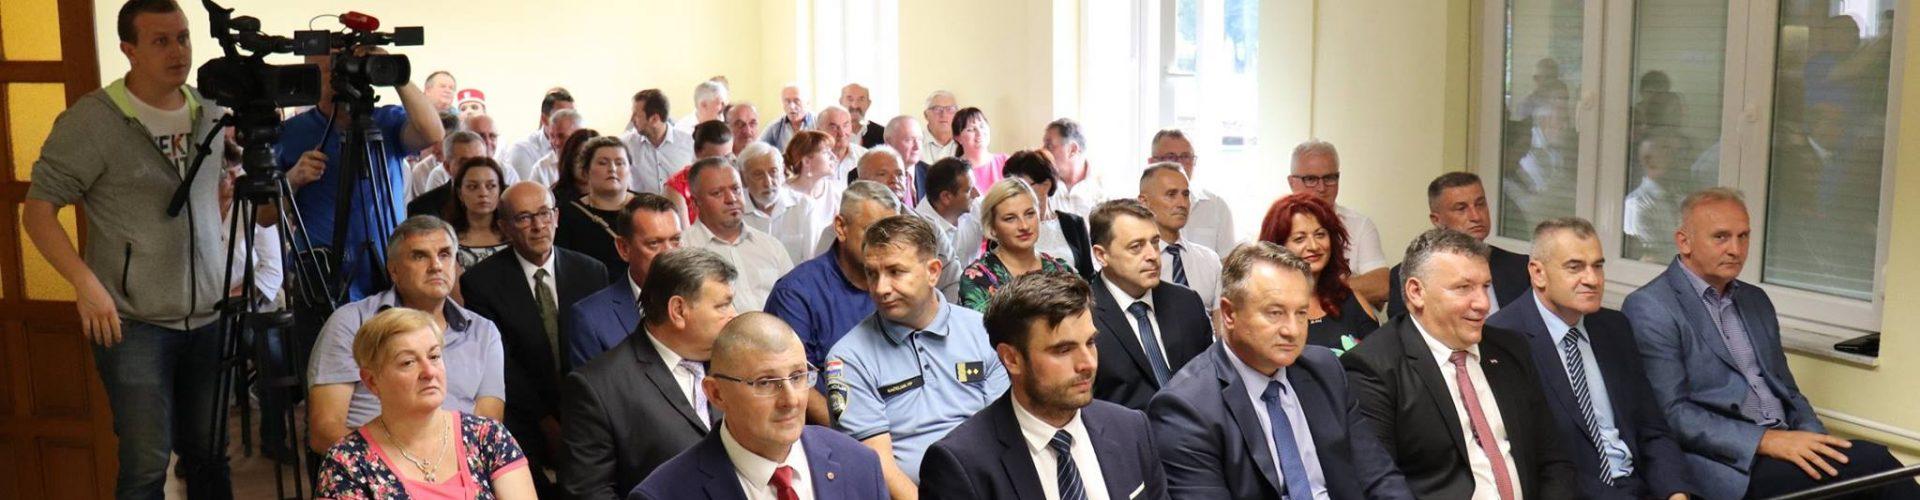 Održana svečana sjednica Gradskog vijeća povodom Dana Grada 2018.